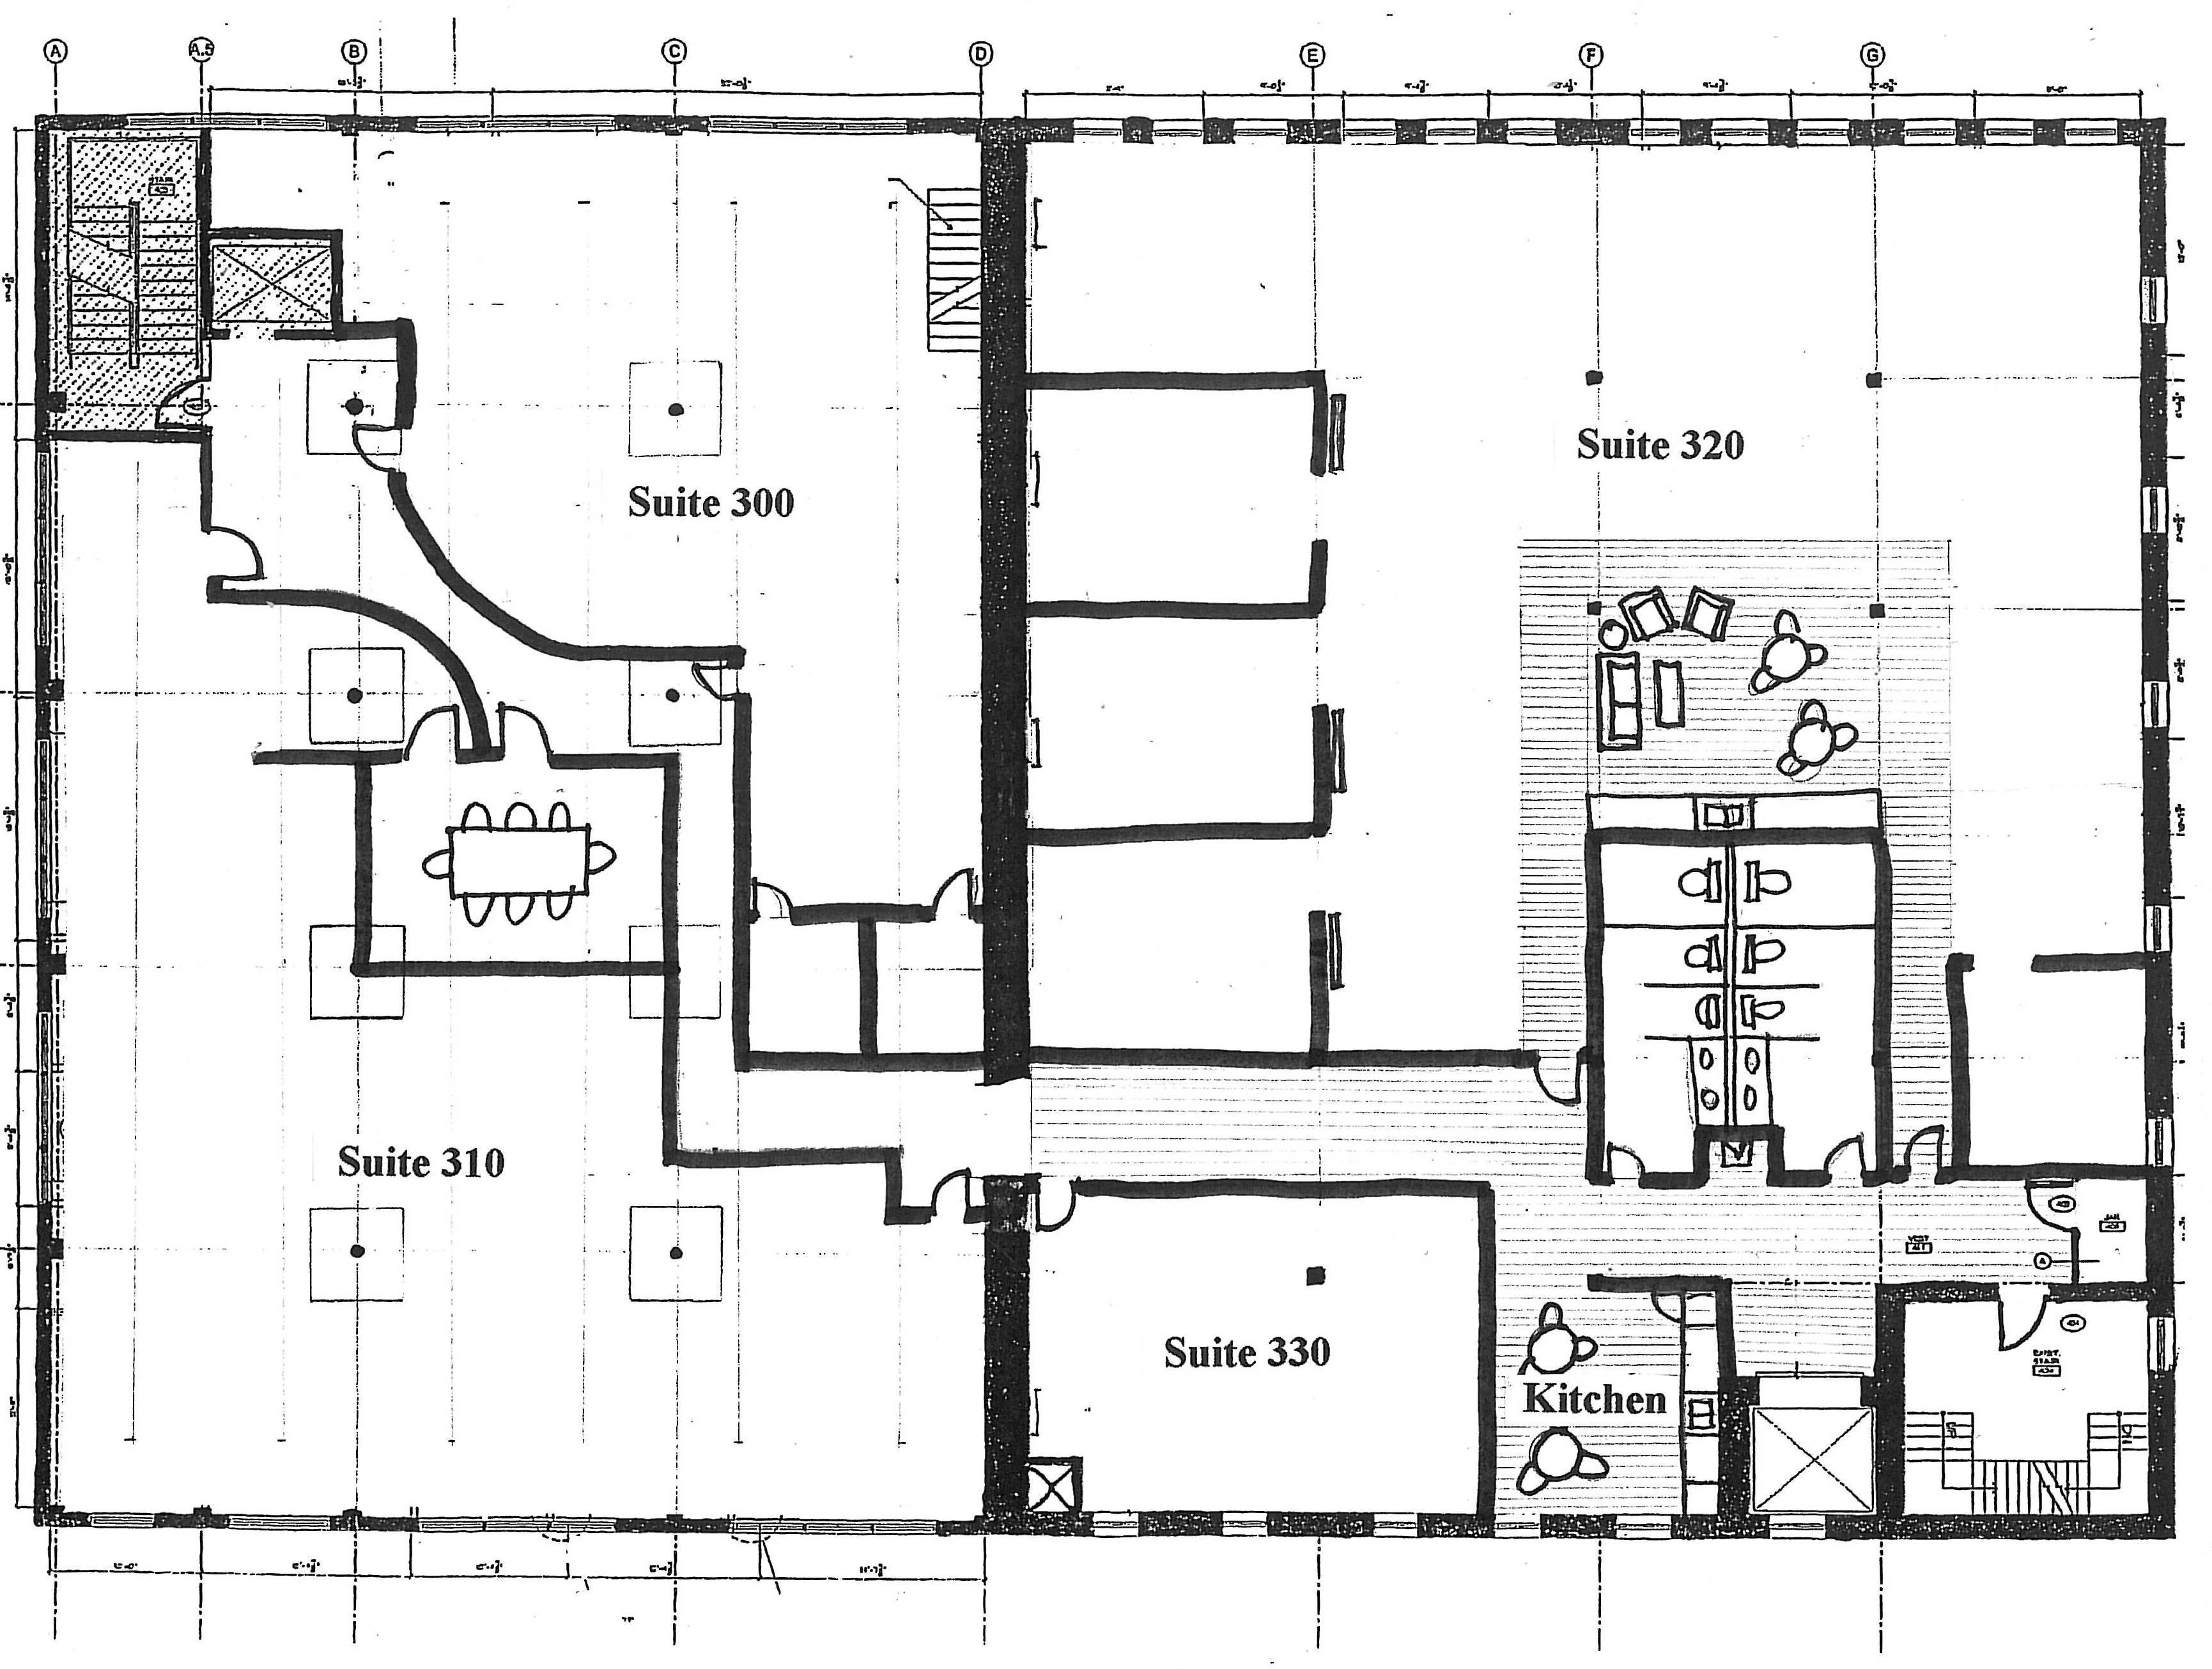 Best Building Floor Plans